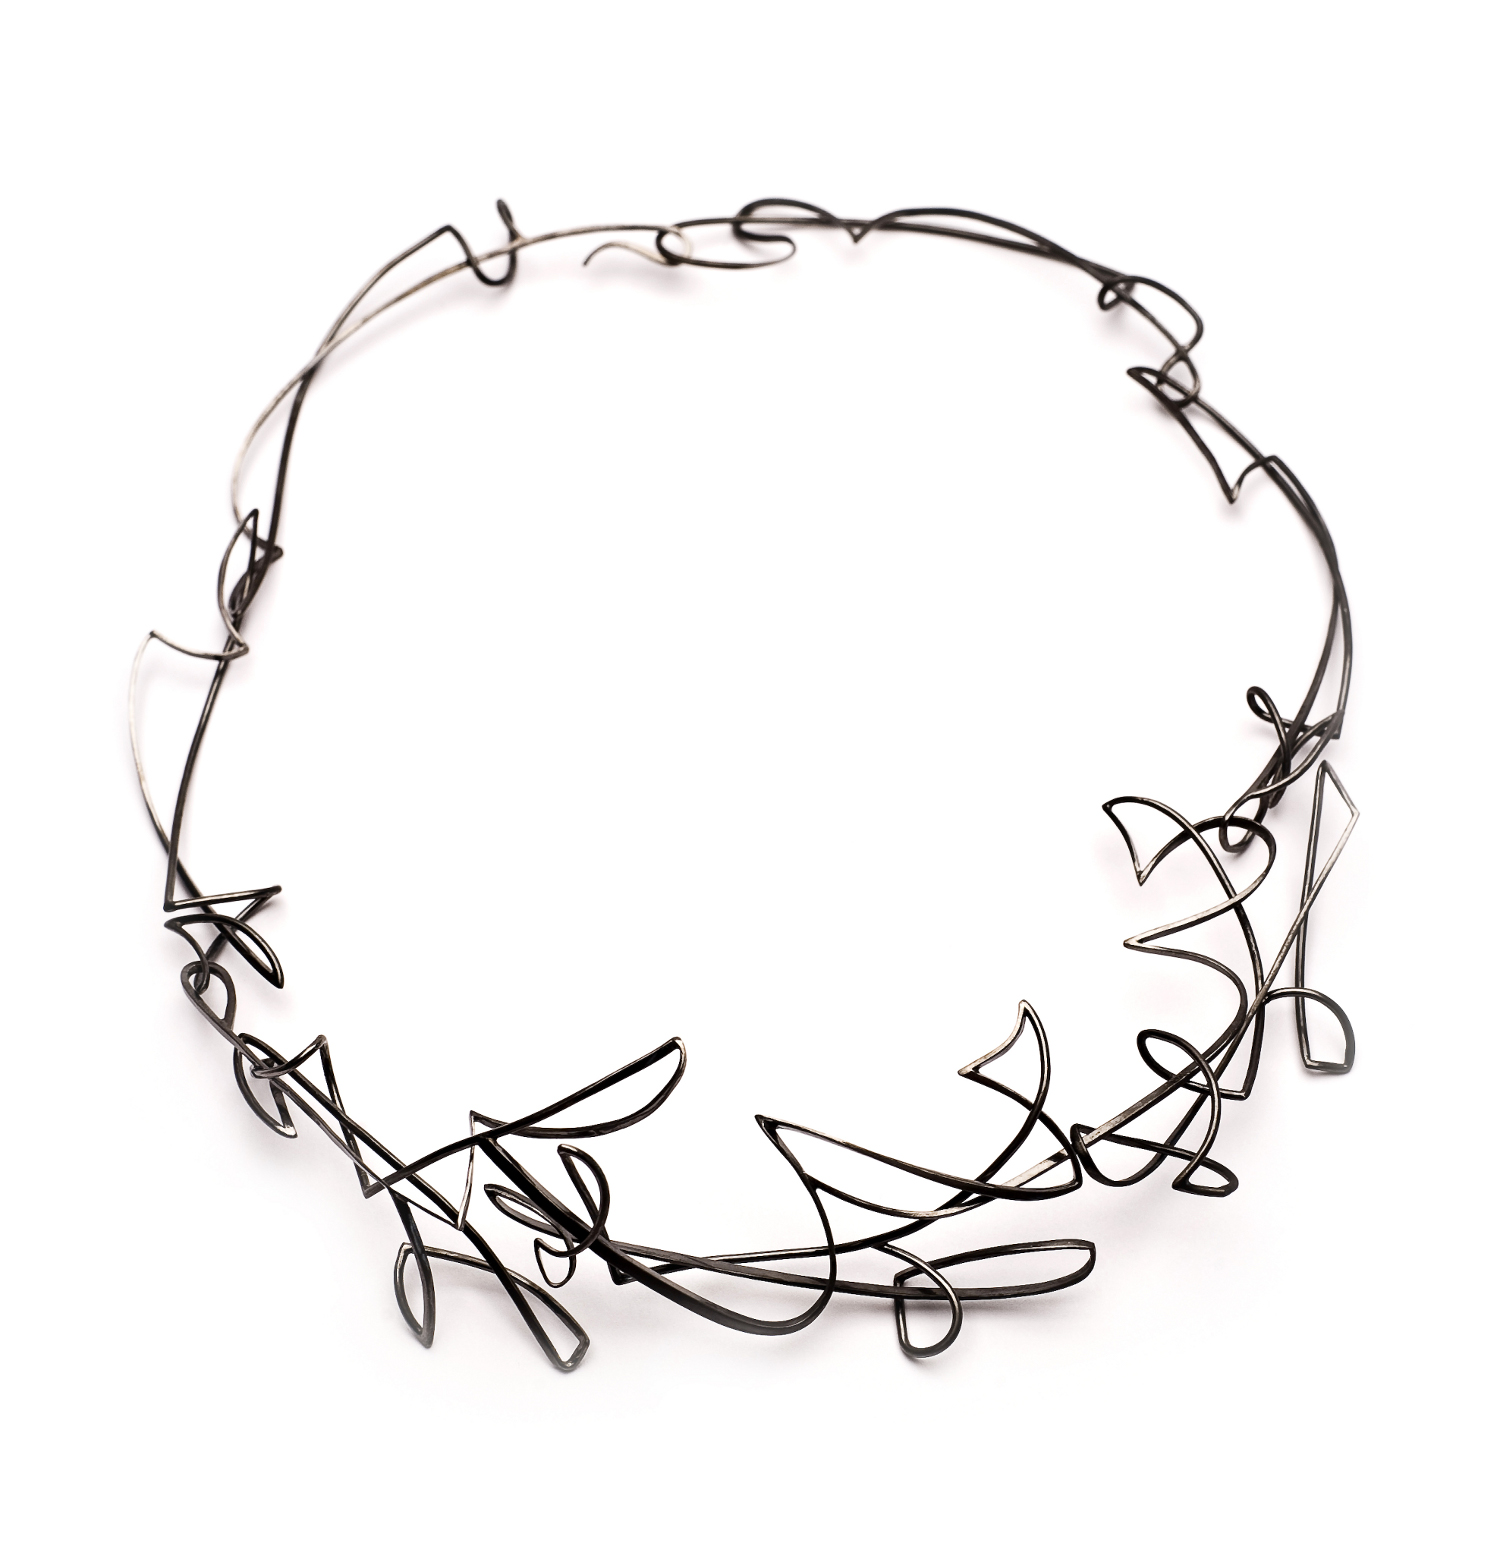 jewellery u2014 sarah warsop